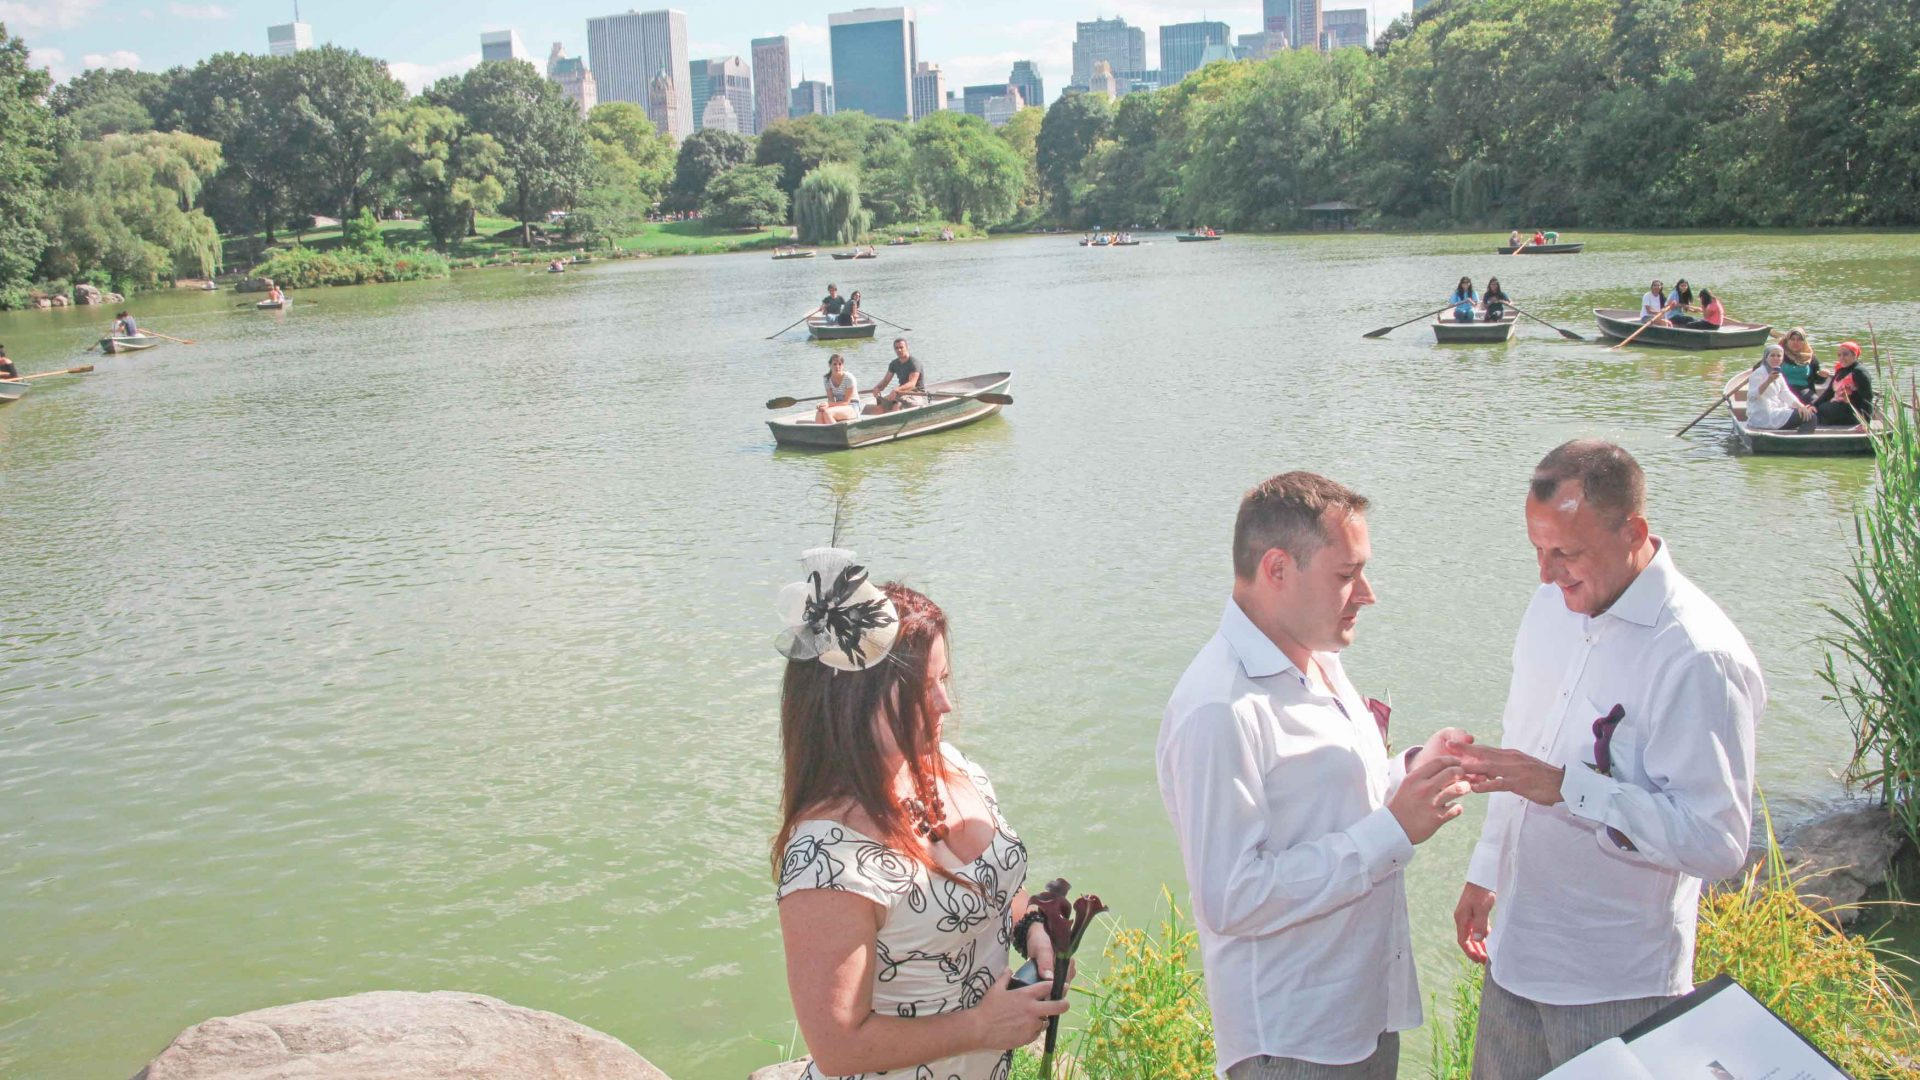 Ian and Peter on their wedding day in Central Park, New York City. Boda de Ian y Peter en el Parque Central. Ciudad de Nueva York.